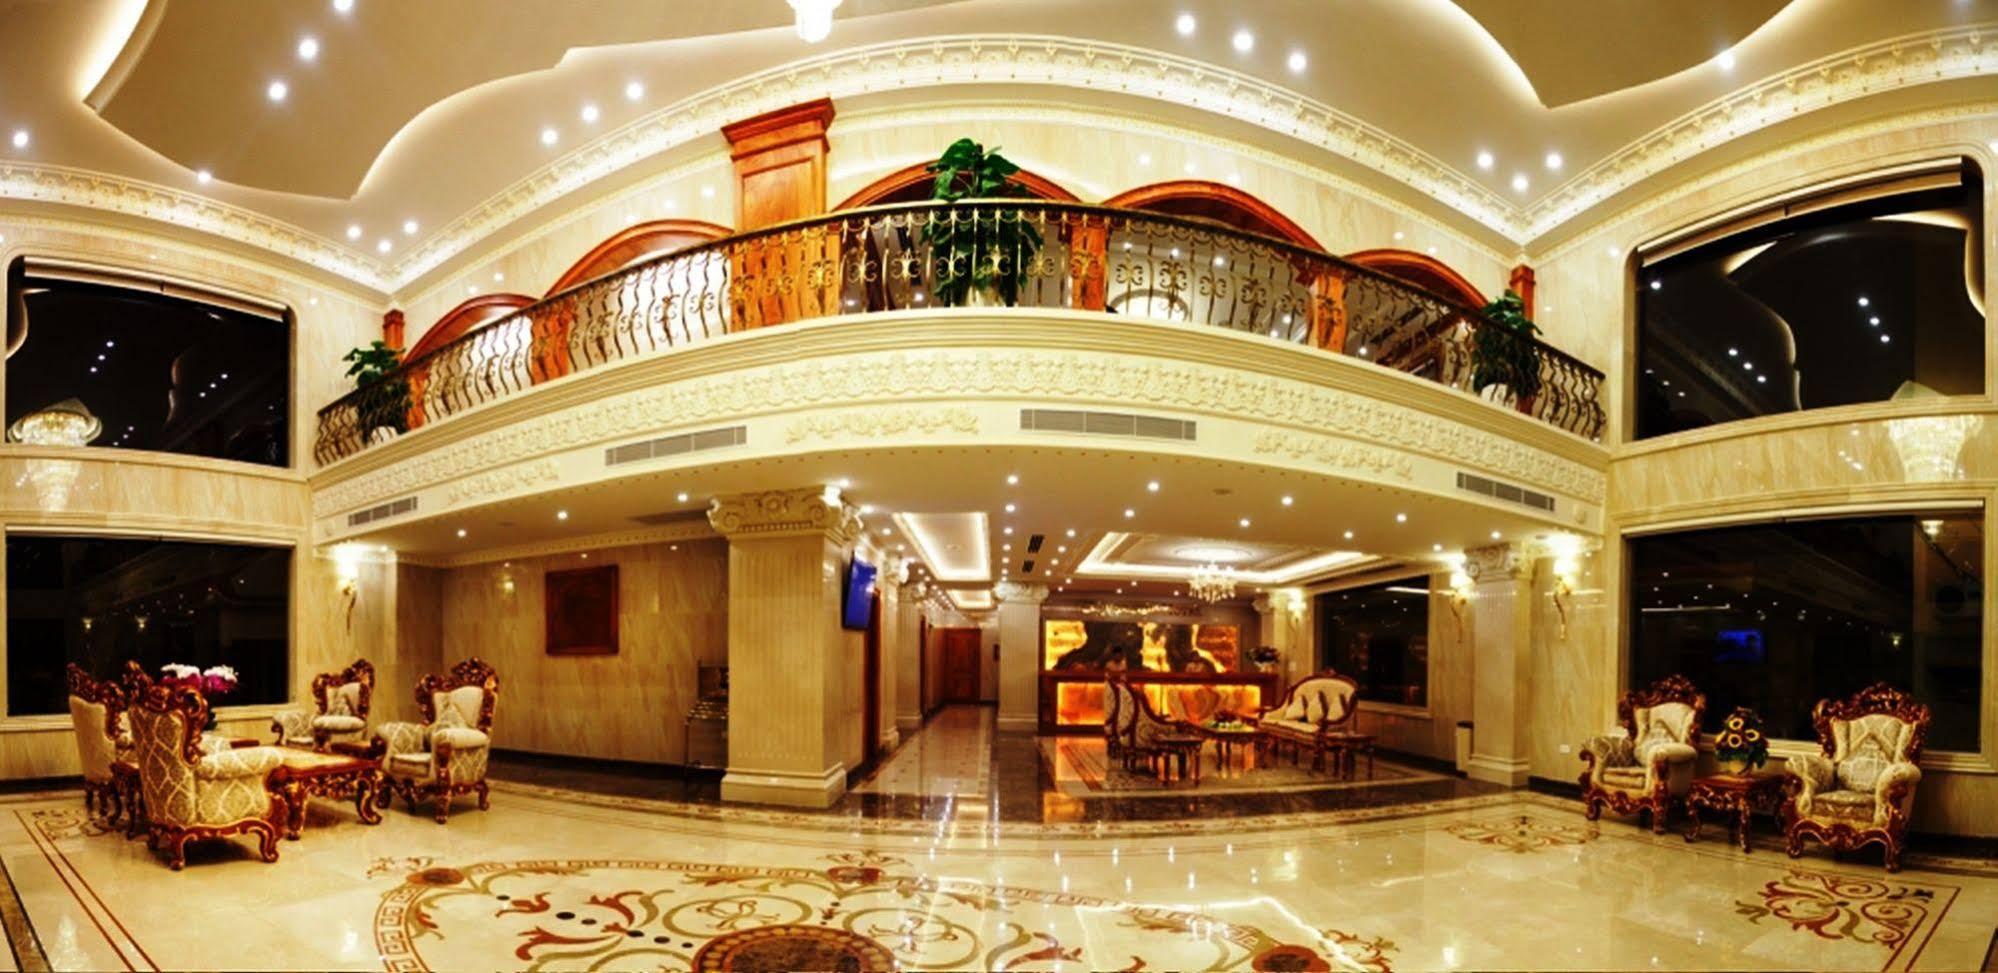 Khách sạn Riverside với phong cách kiến trúc Pháp sang trọng